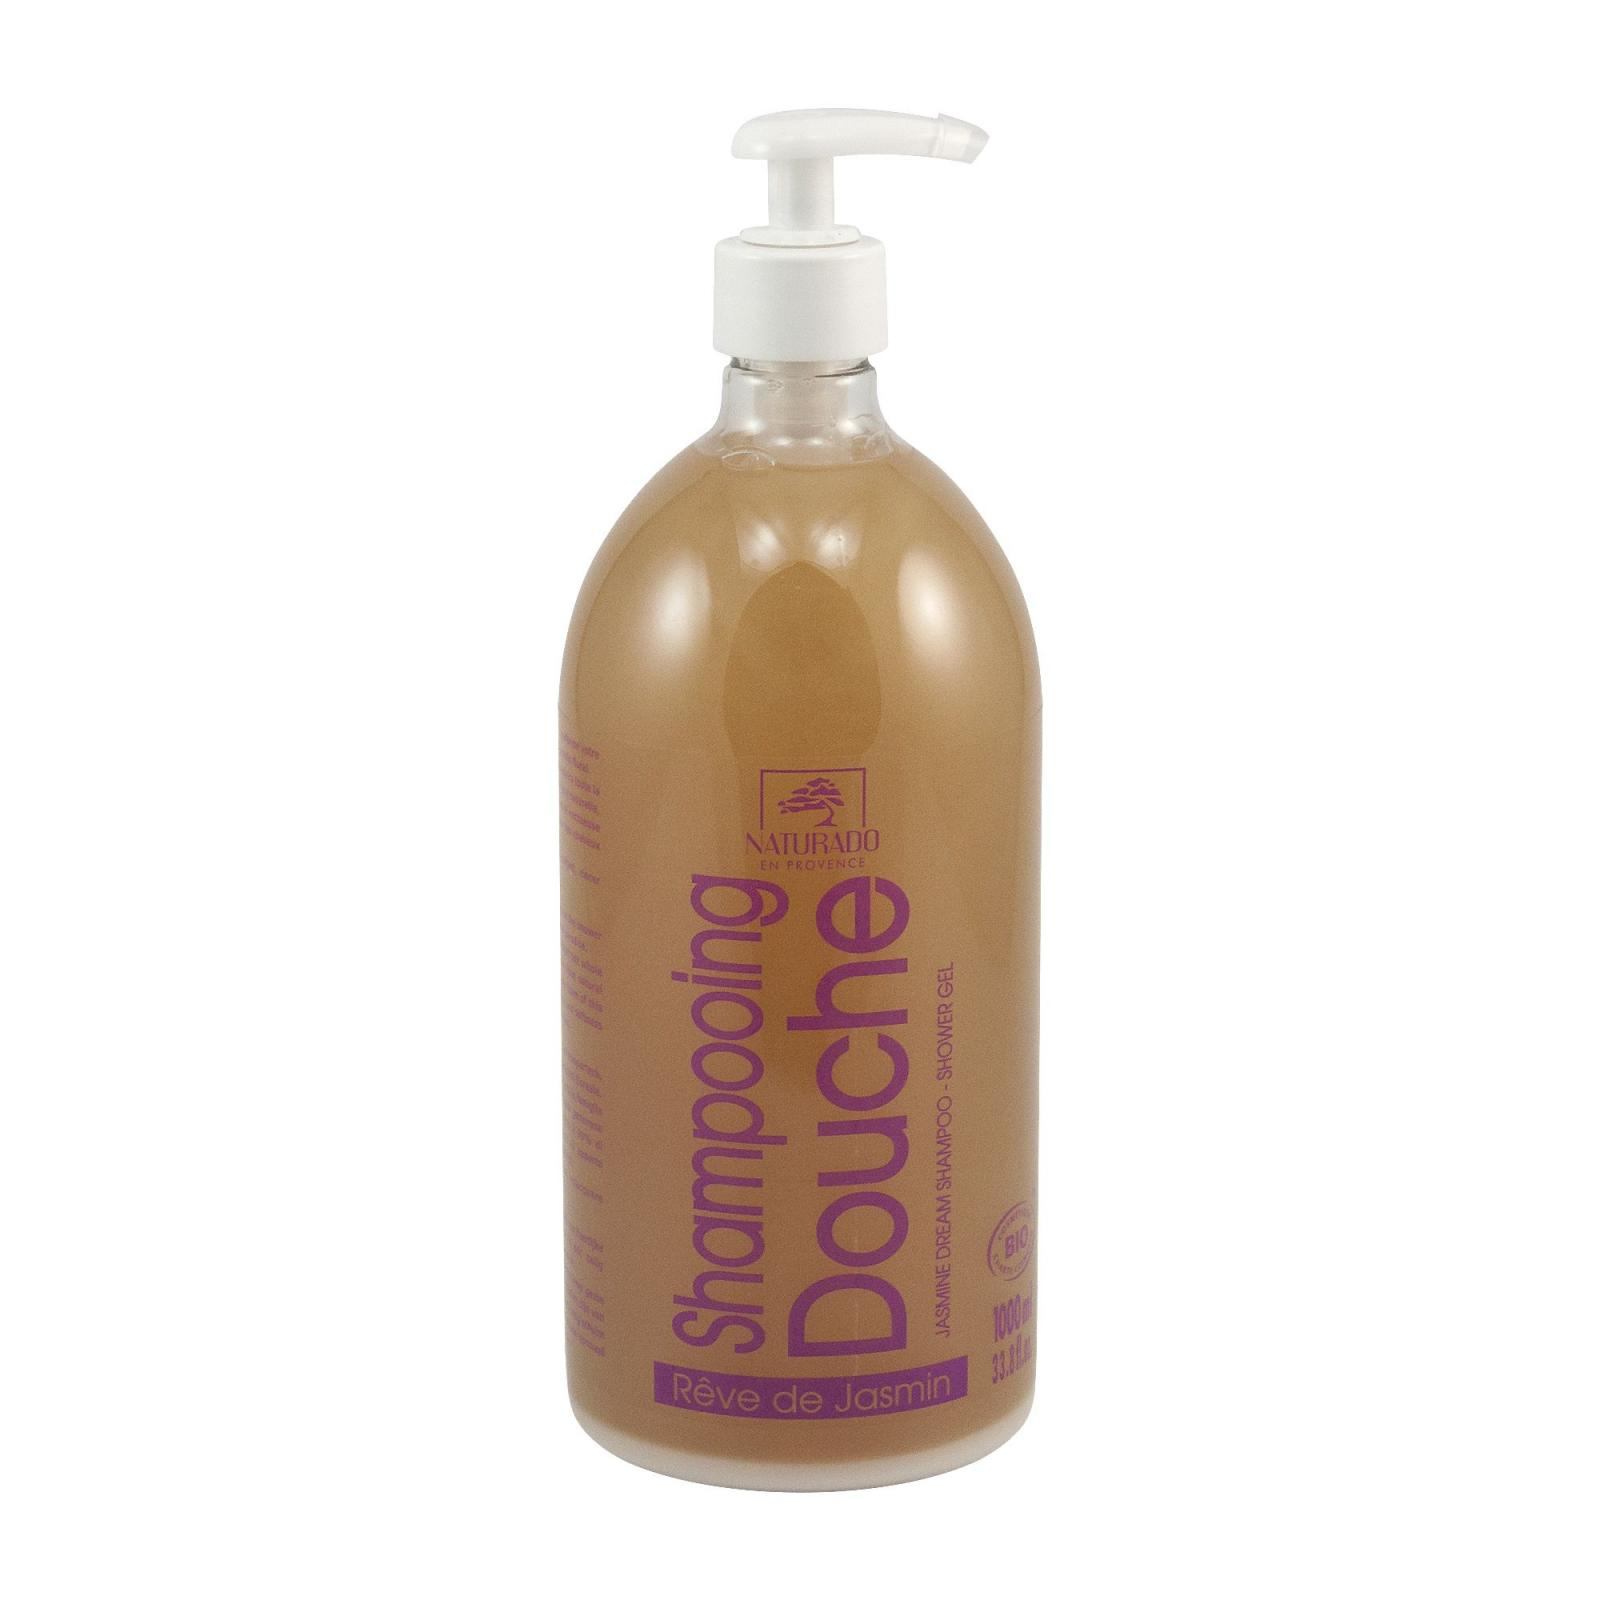 Naturado Sprchový šampon XXL jasmín 1 l